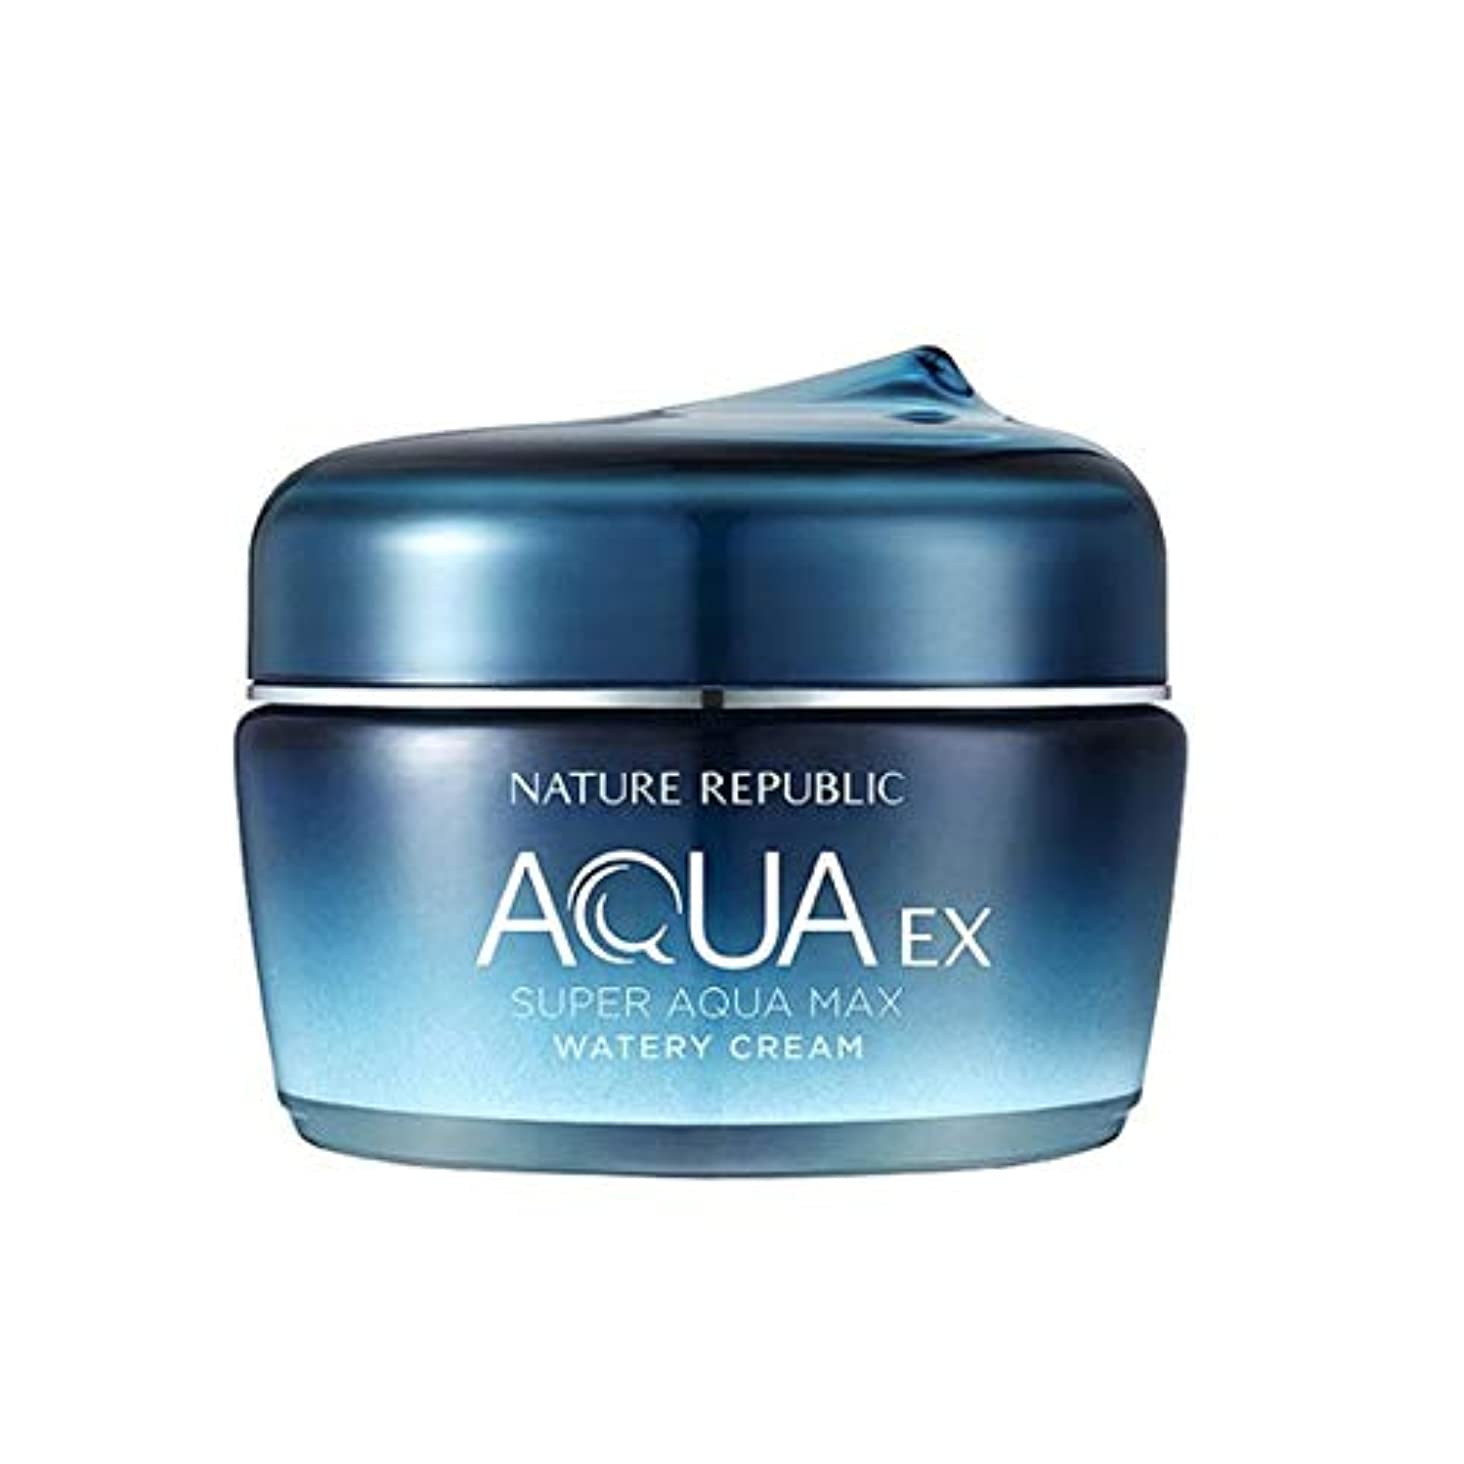 腐敗した地味な破裂ネイチャーリパブリックスーパーアクアマックスEX水分クリーム80ml韓国コスメ、Nature Republic Super Aqua Max EX Watery Cream 80ml Korean Cosmetics [並行輸入品]